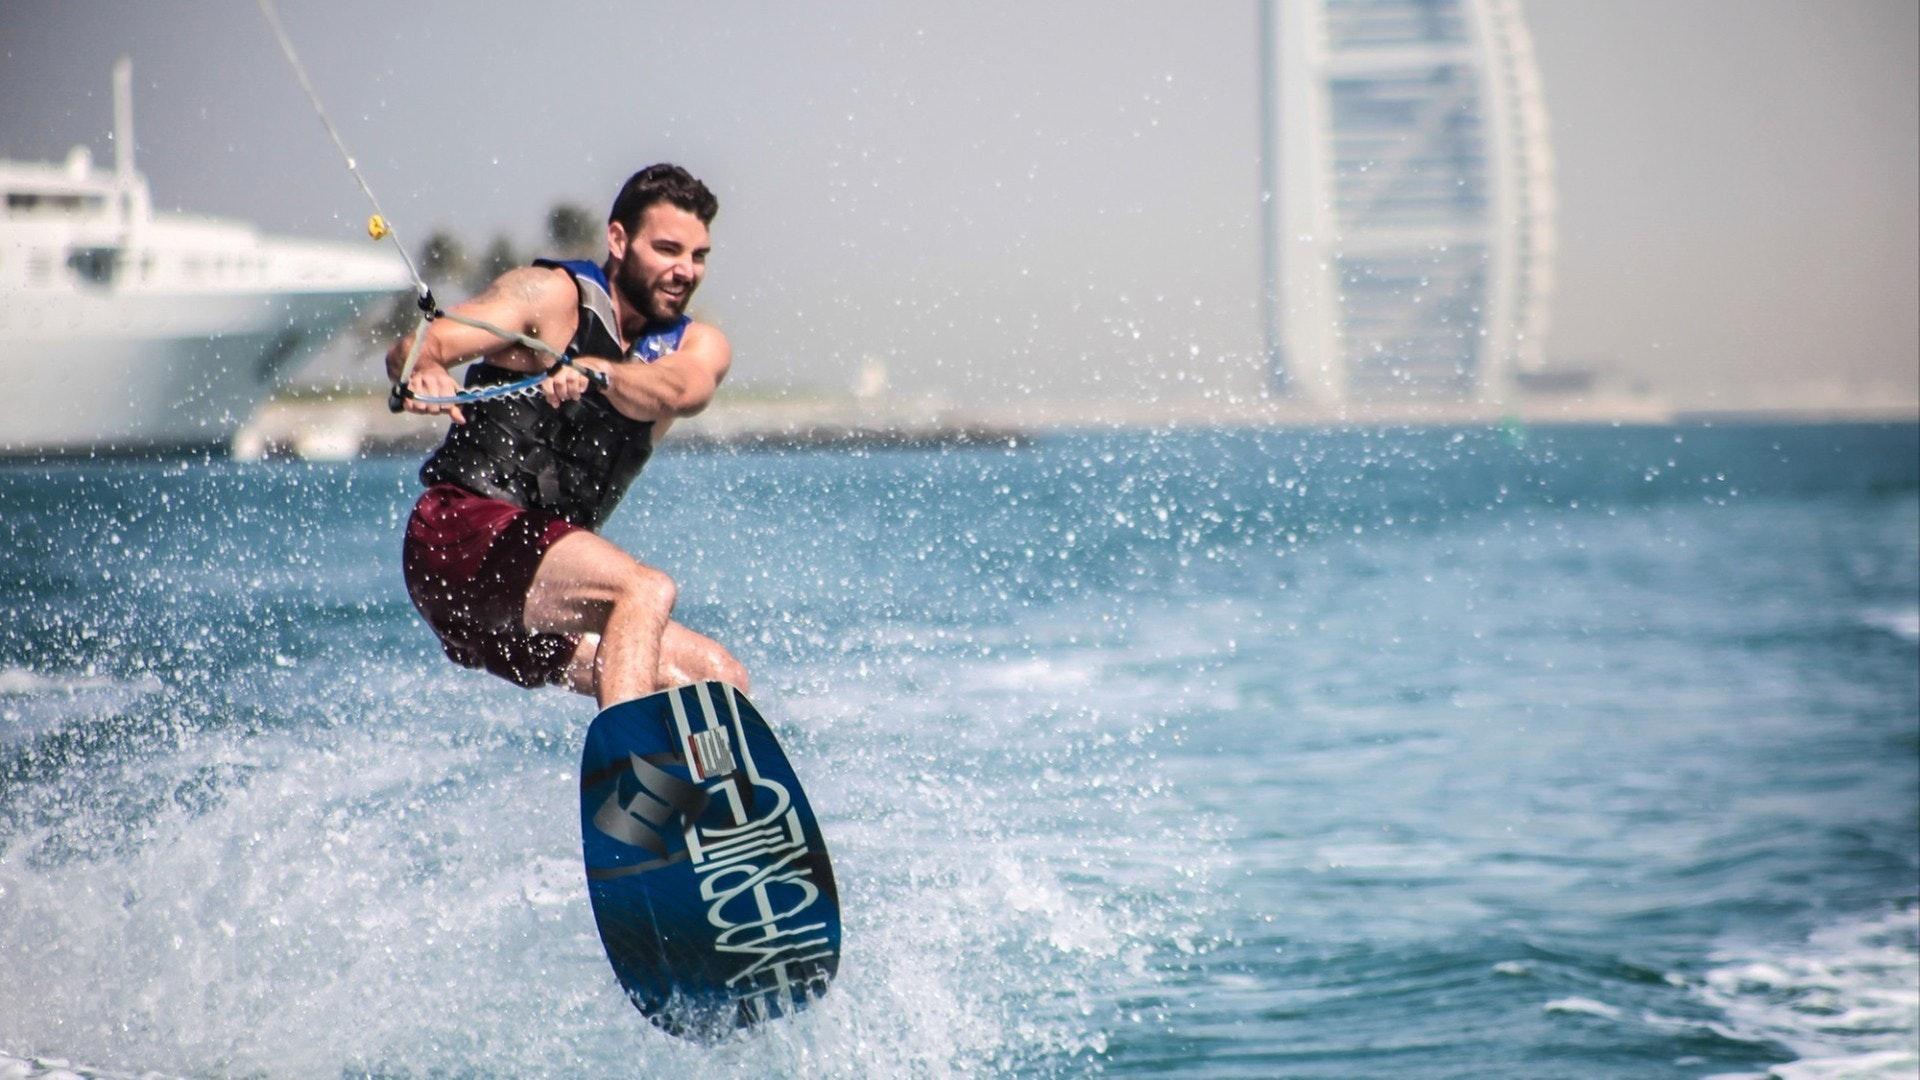 Wakeboarder desfrutando de um dia perfeito na Marina de Dubai perto de Burj Al Arab